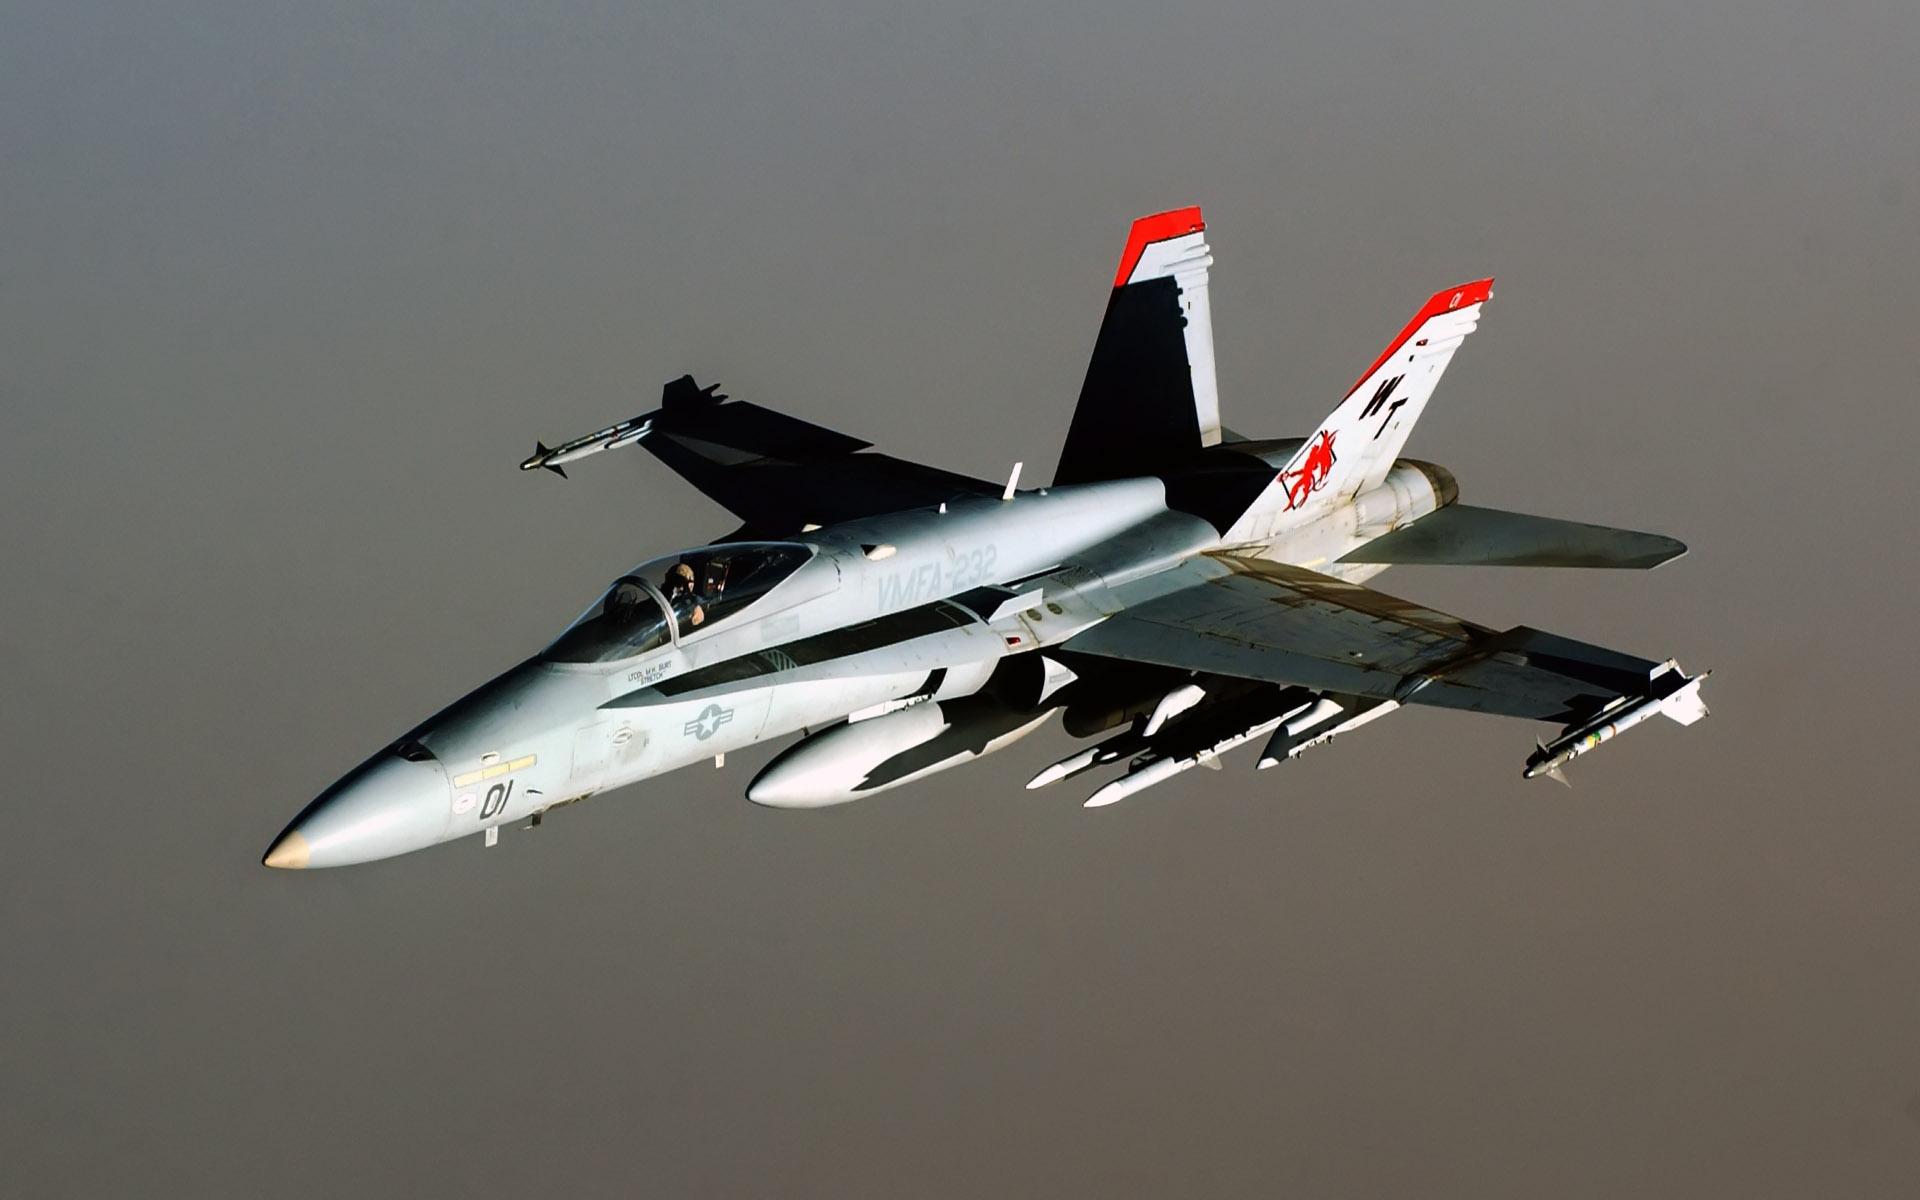 fa 18 hornet aircraft wide